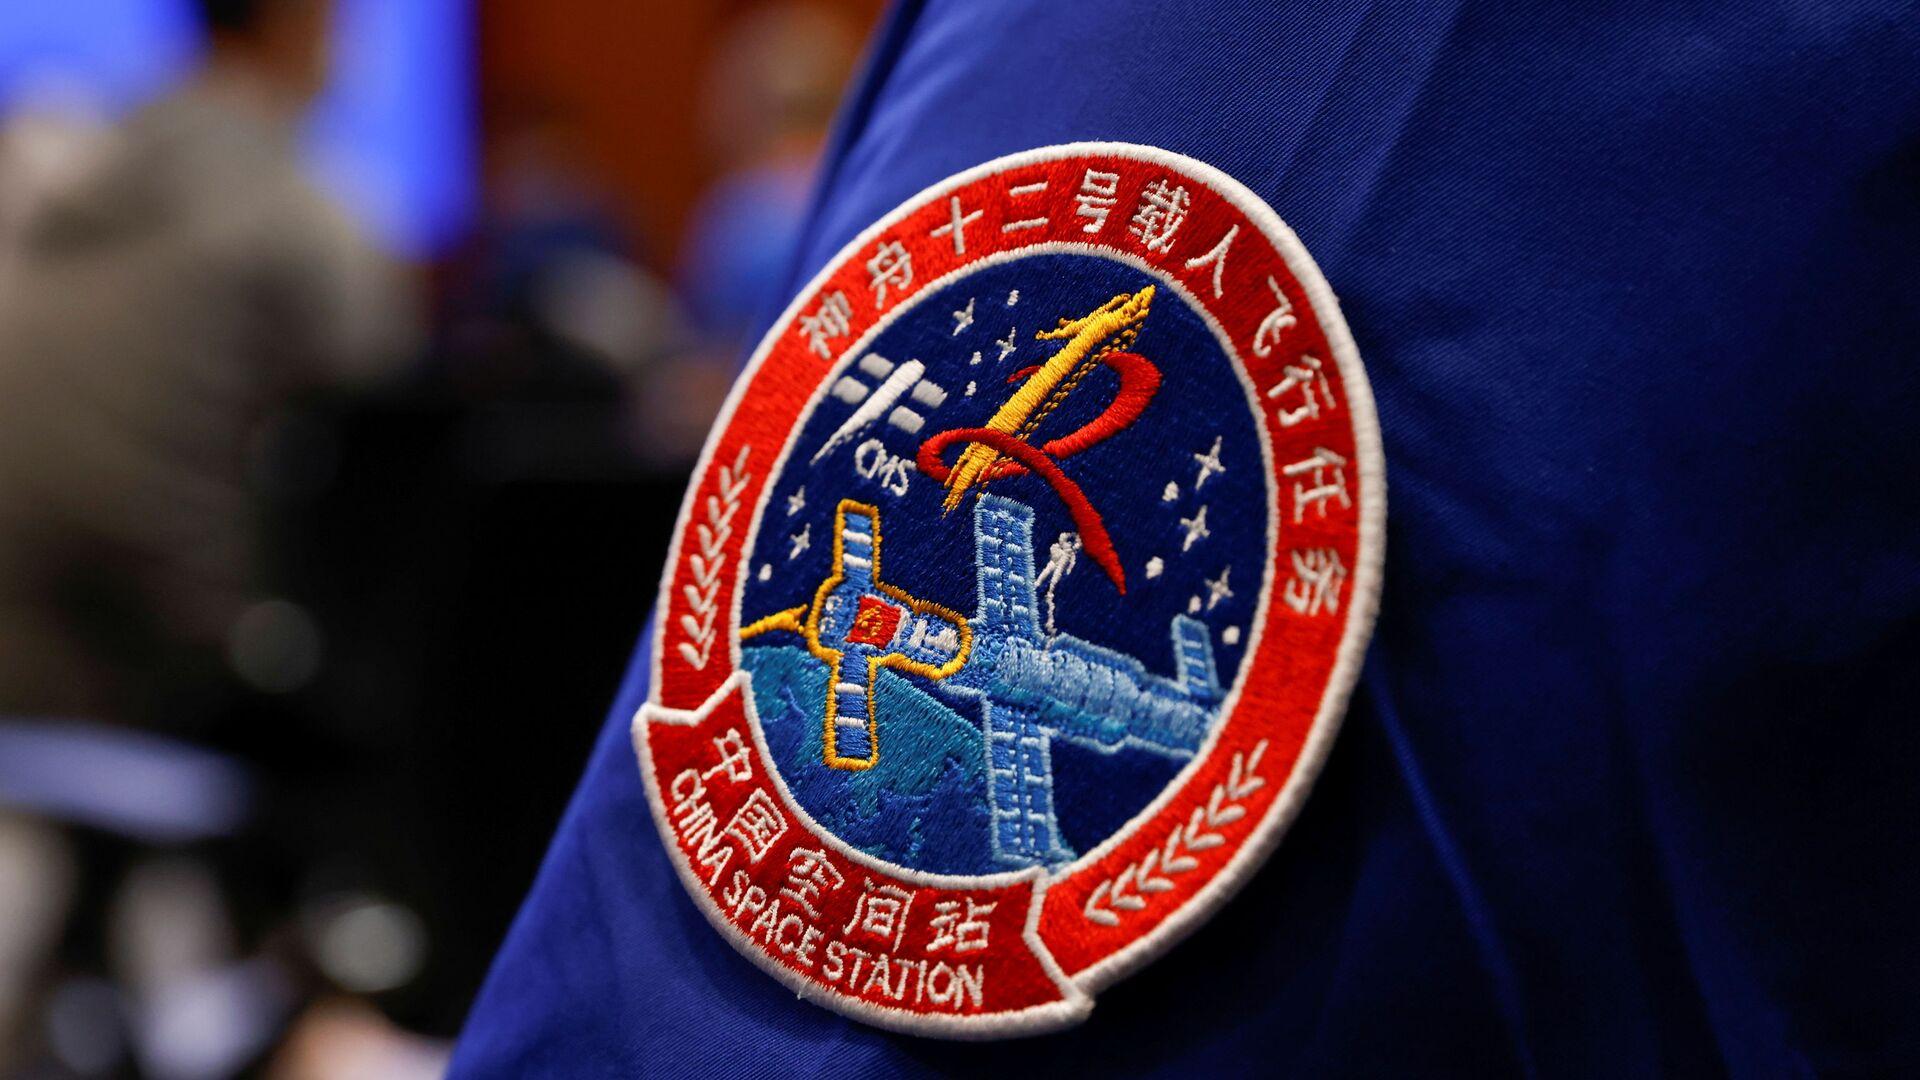 Нашивка с изображением космического полета Шэньчжоу-12 на штатном сотруднике в Китае  - Sputnik Česká republika, 1920, 17.06.2021